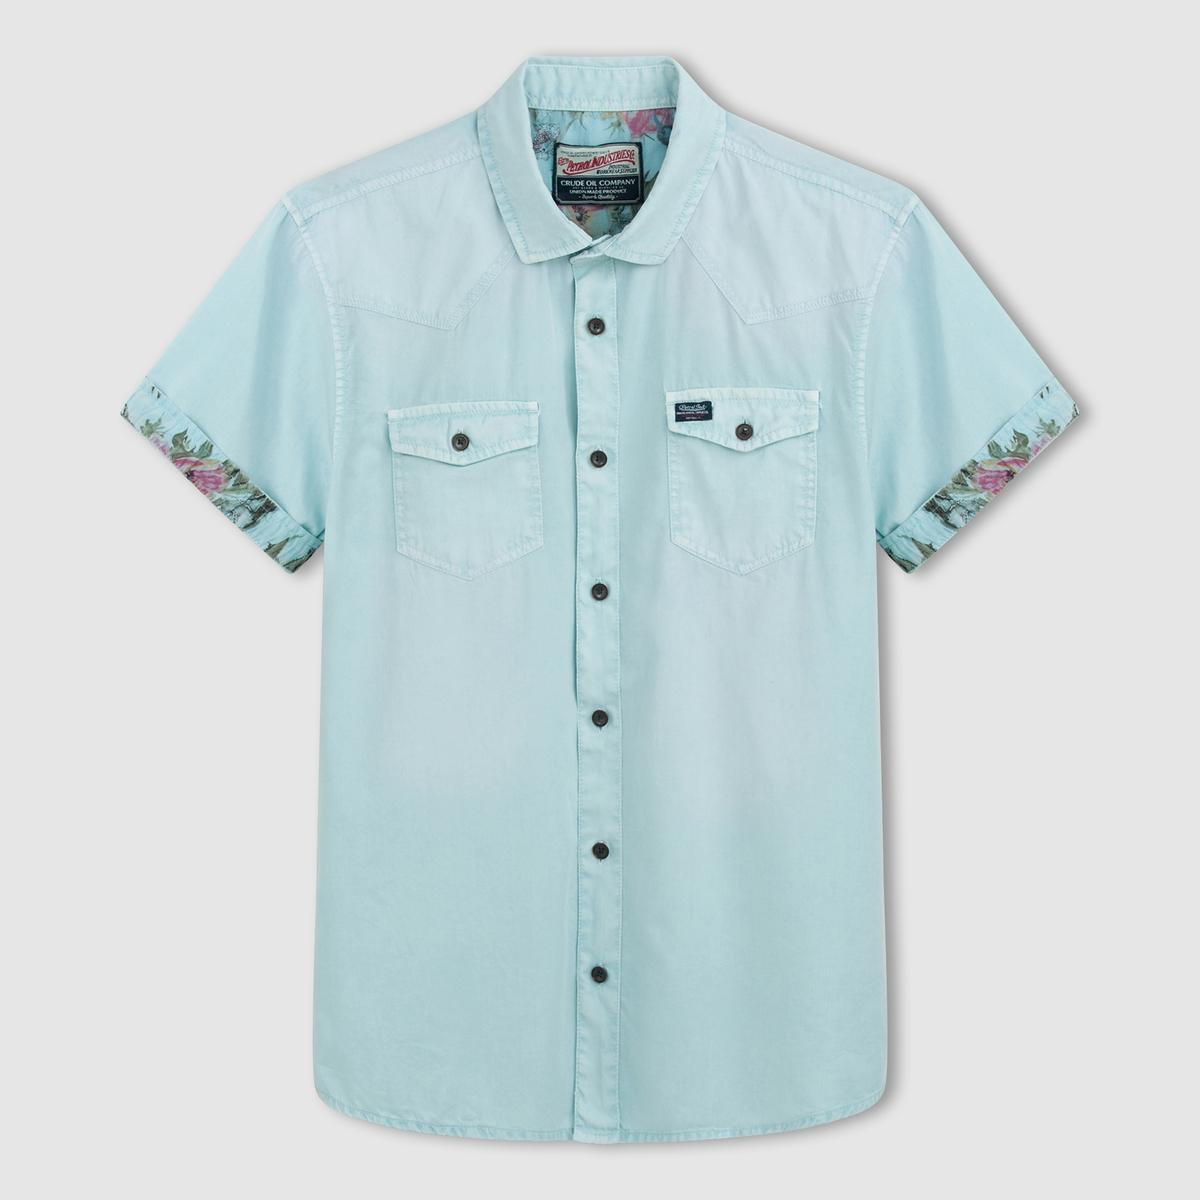 Рубашка с короткими рукавамиСостав и описание :Материал : 100% хлопкаМарка : PETROL INDUSTRIES.<br><br>Цвет: бирюзовый<br>Размер: S